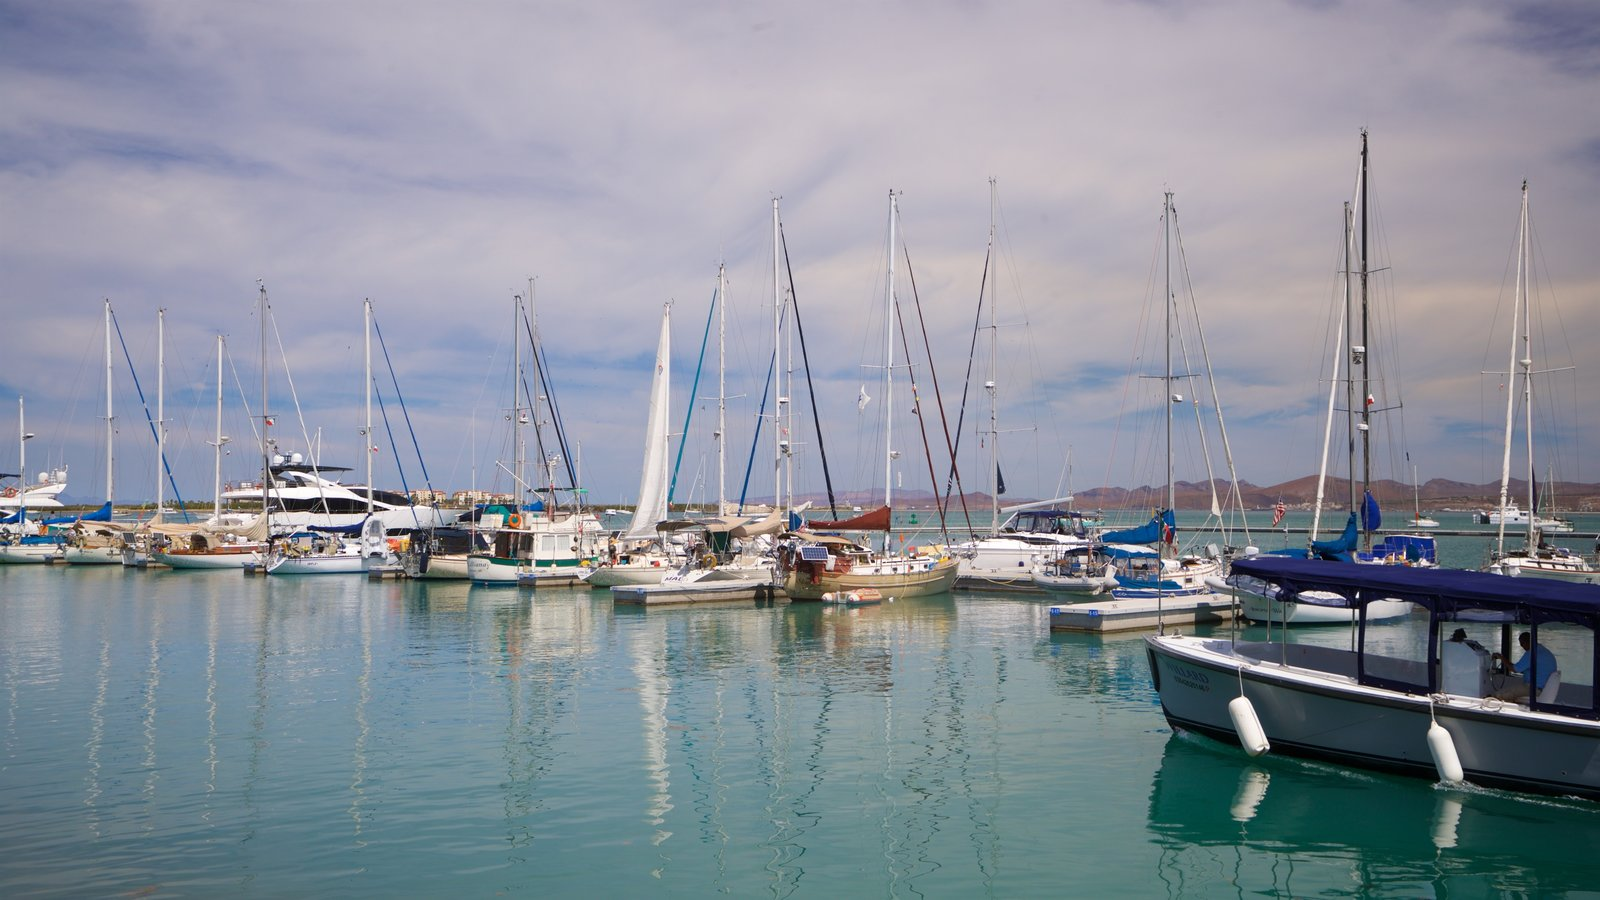 Puerto deportivo Marina Cortez que incluye una bahía o puerto